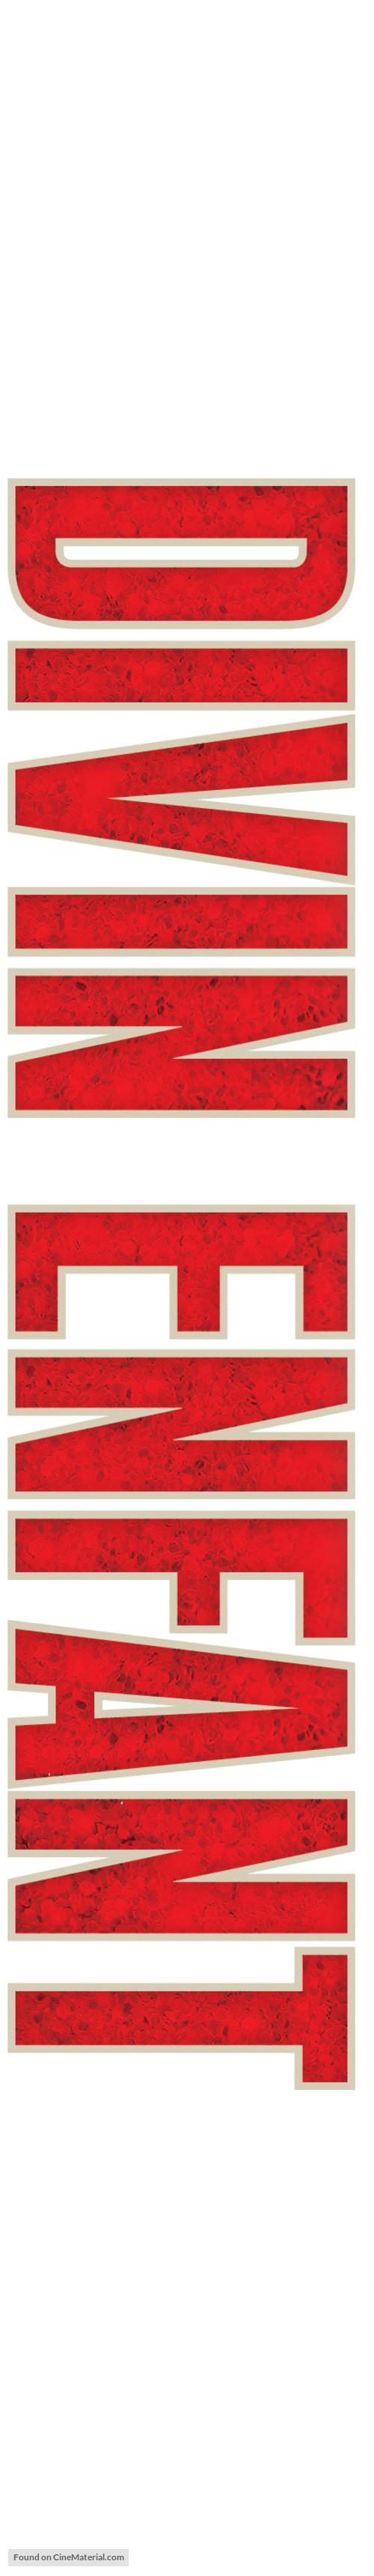 Divin enfant - French Logo